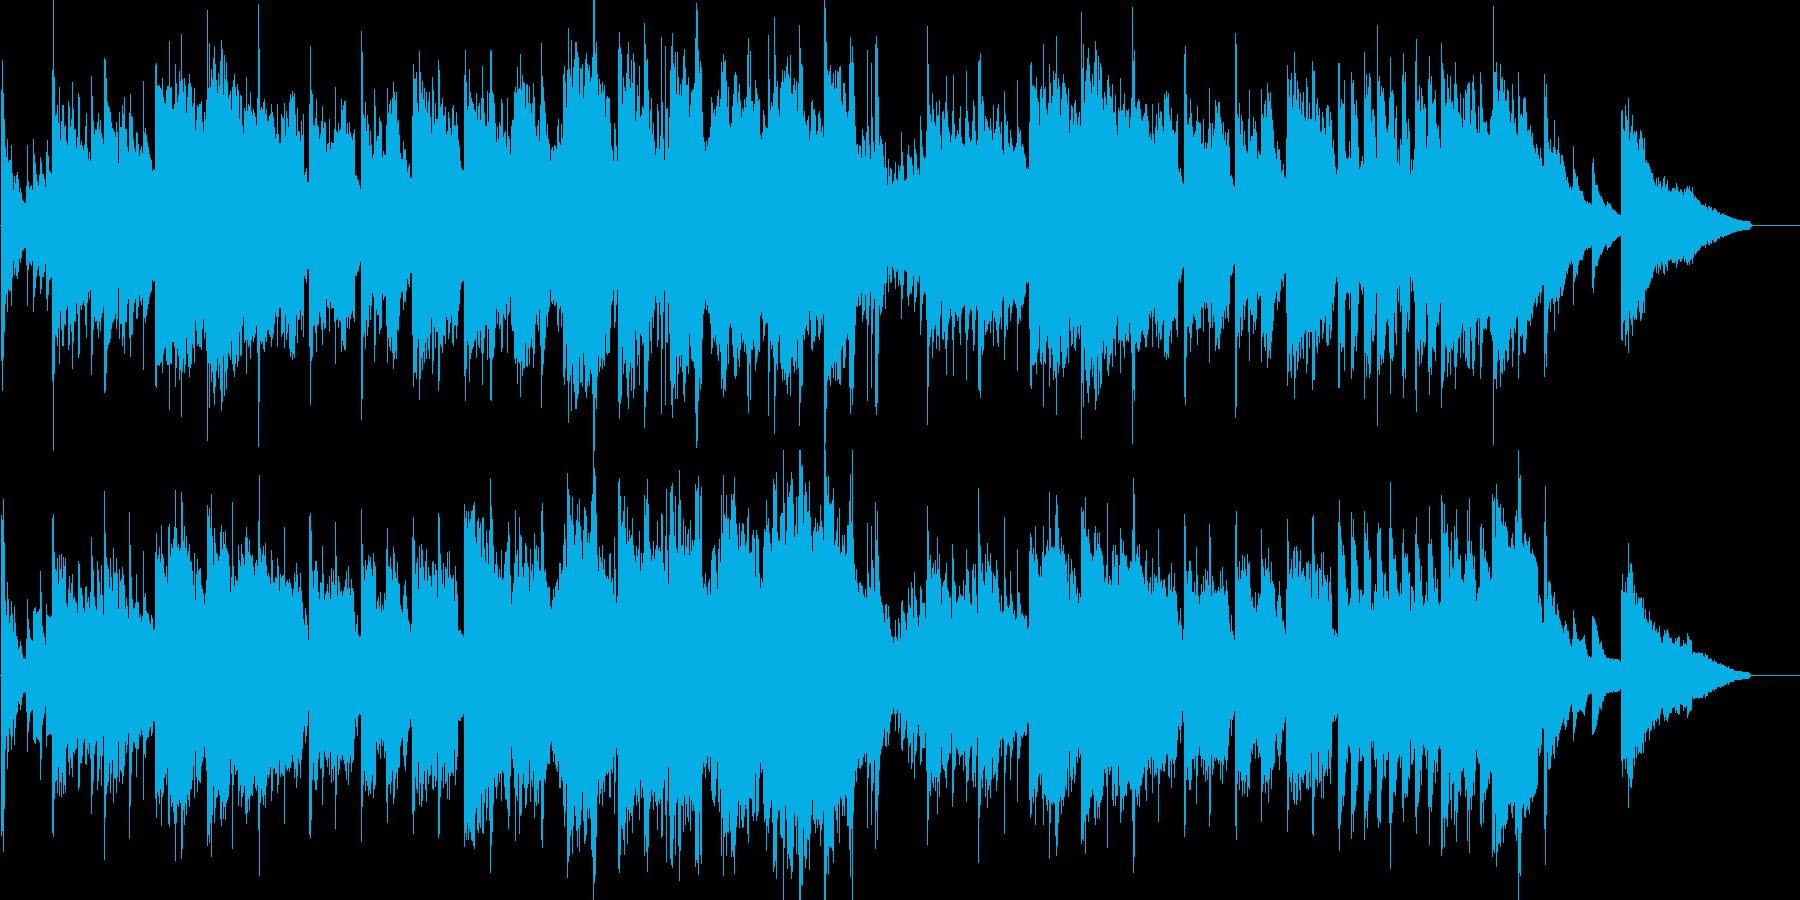 和風オーケストラ時代劇風京都映像曲の再生済みの波形